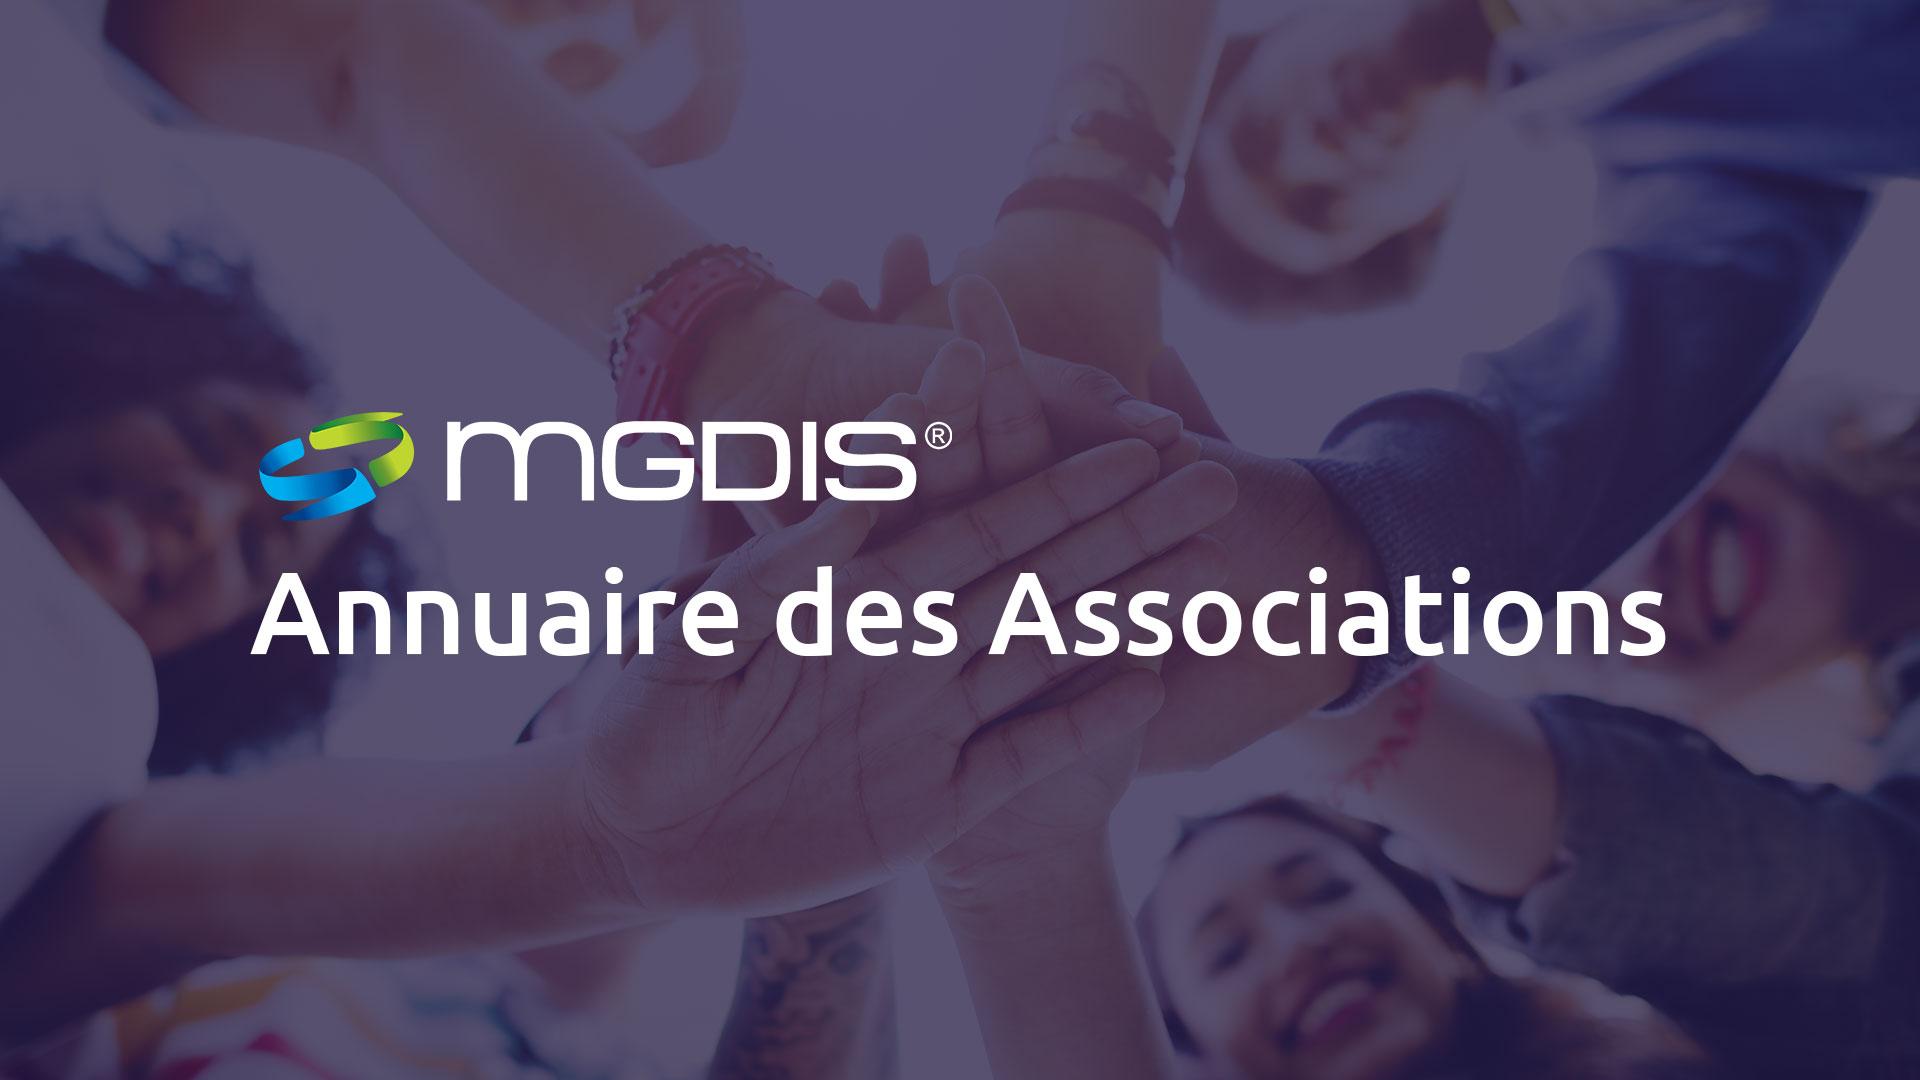 Annuaire des associations MGDIS